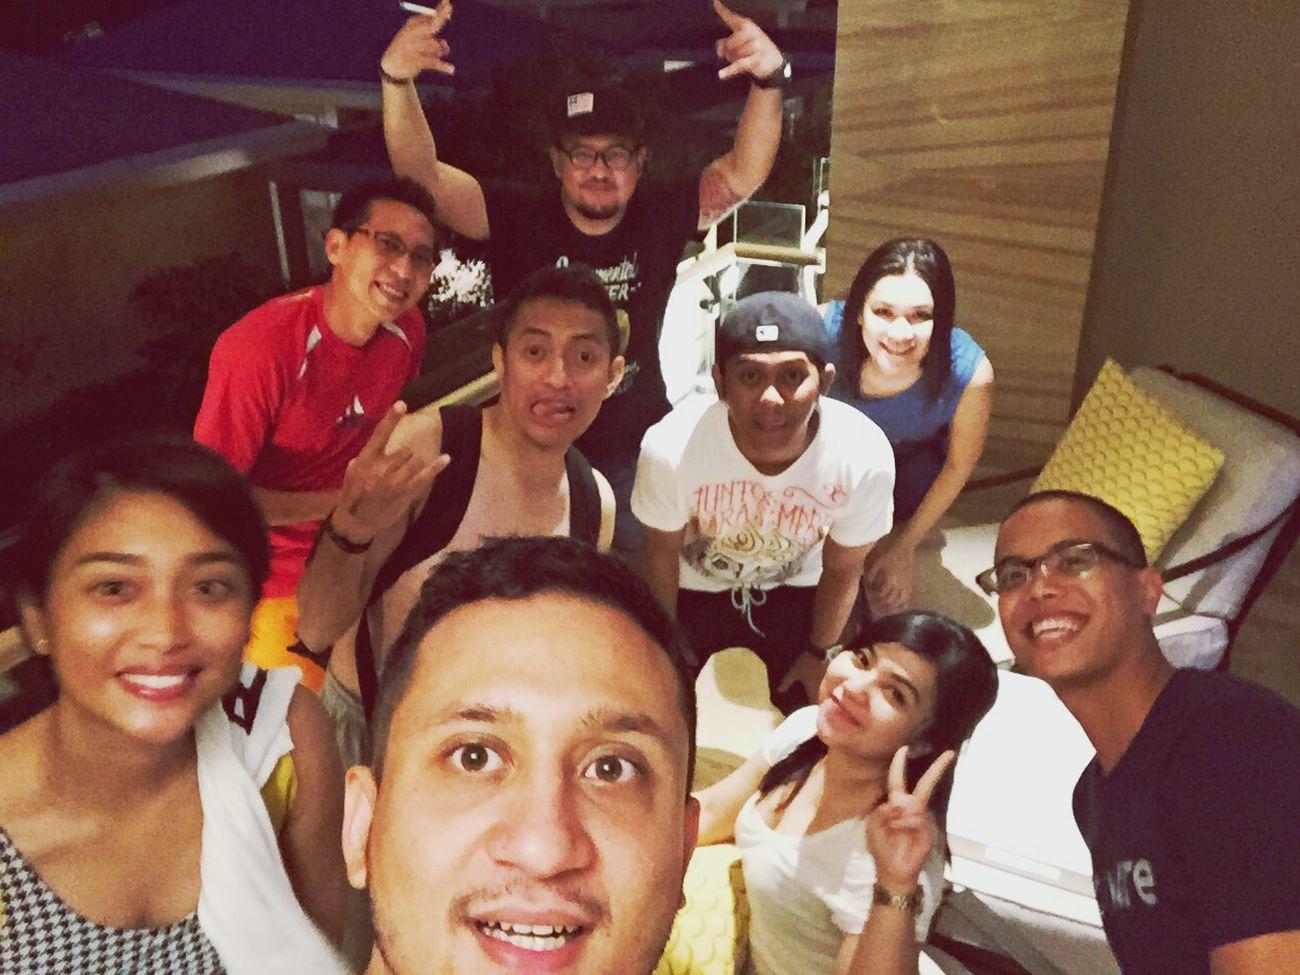 Rusak! 😜 Bali Enjoying Life